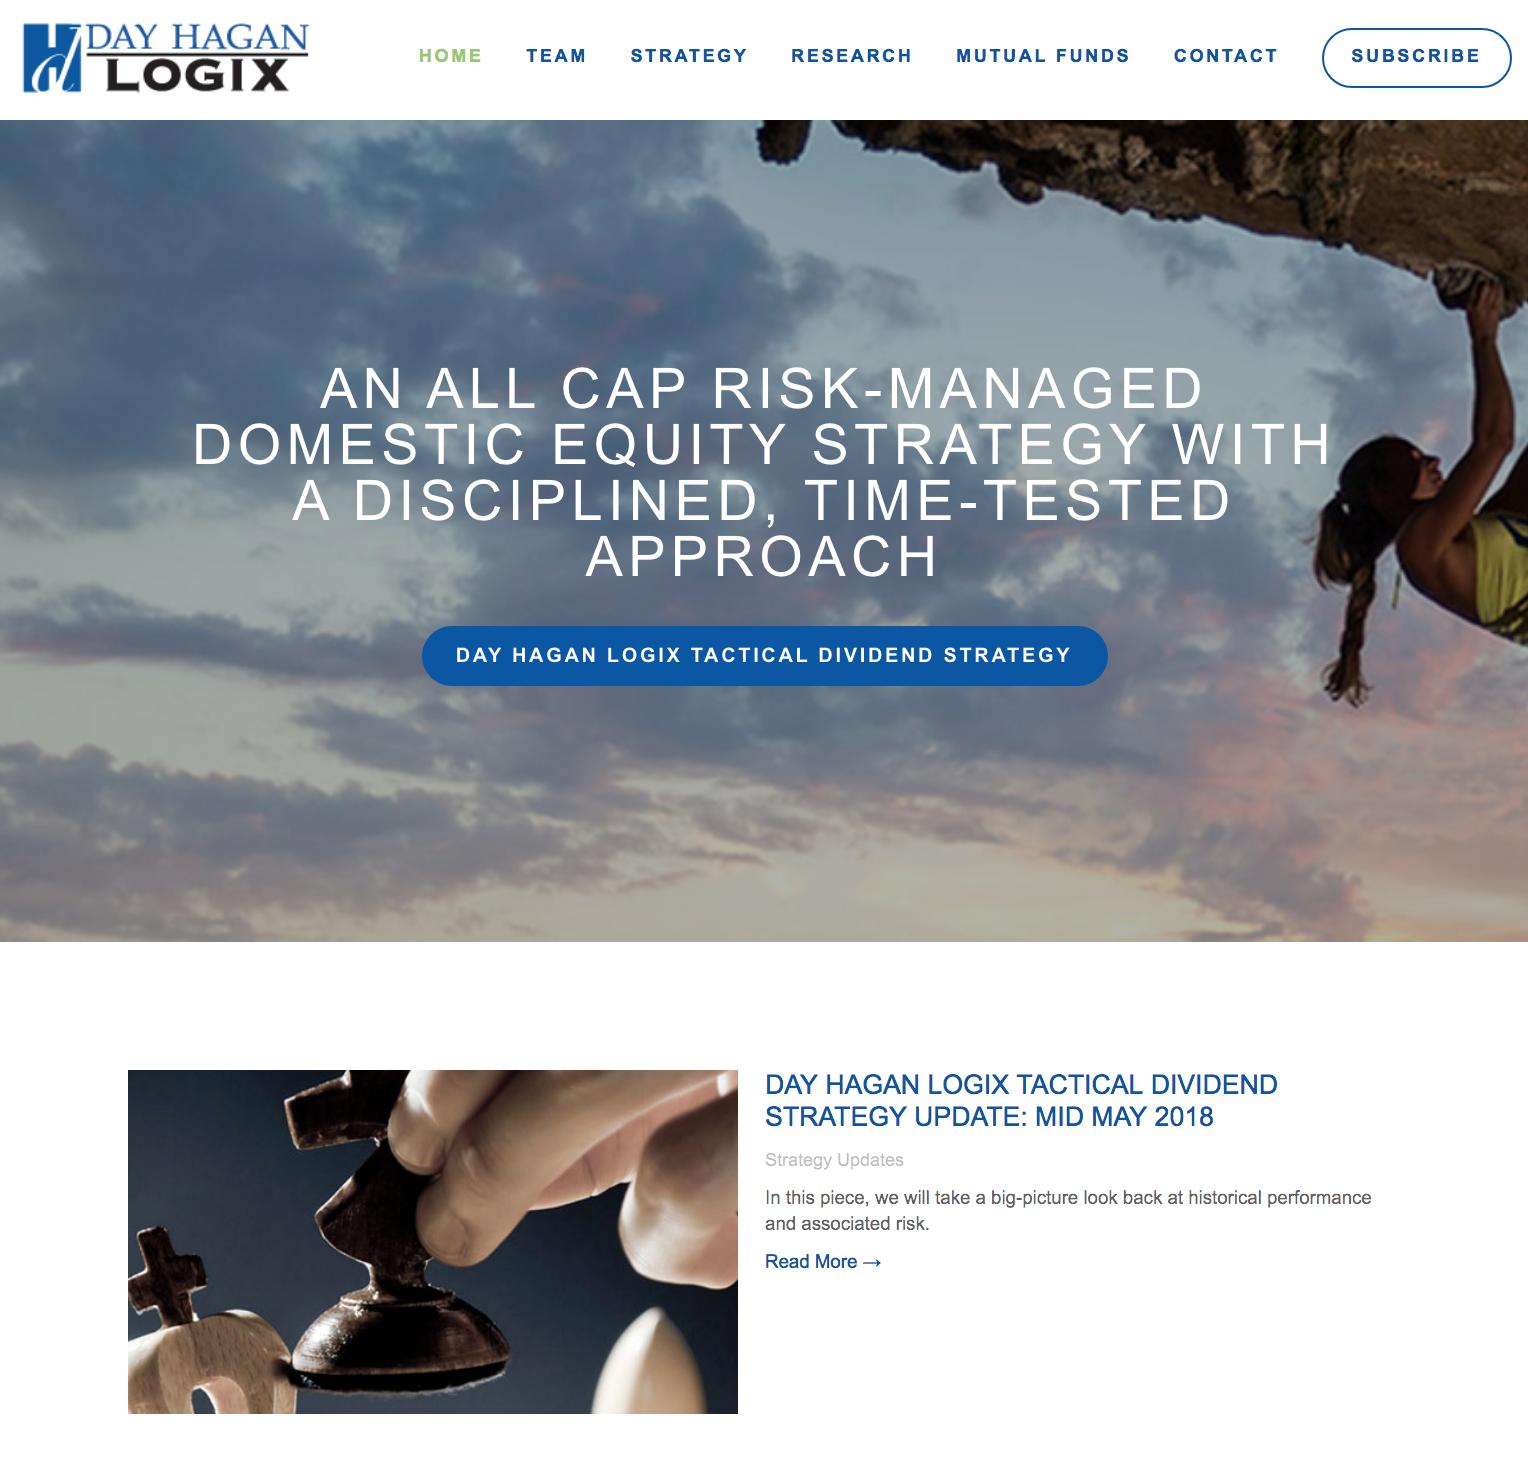 Day Hagan Logix Company Website Project